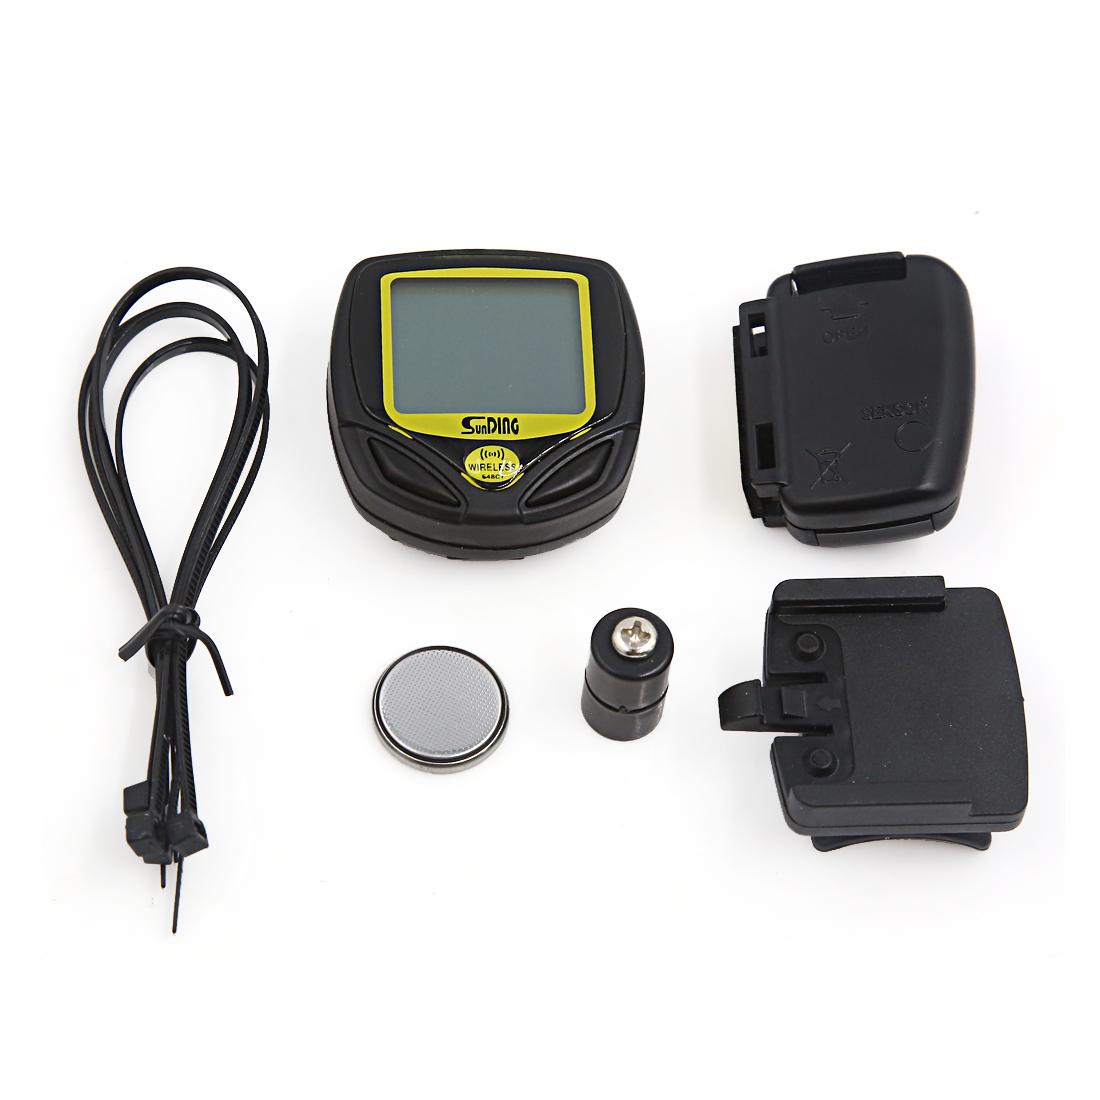 Waterproof Wireless LCD Digital Bicycle Bike Computer Speedometer Odometer